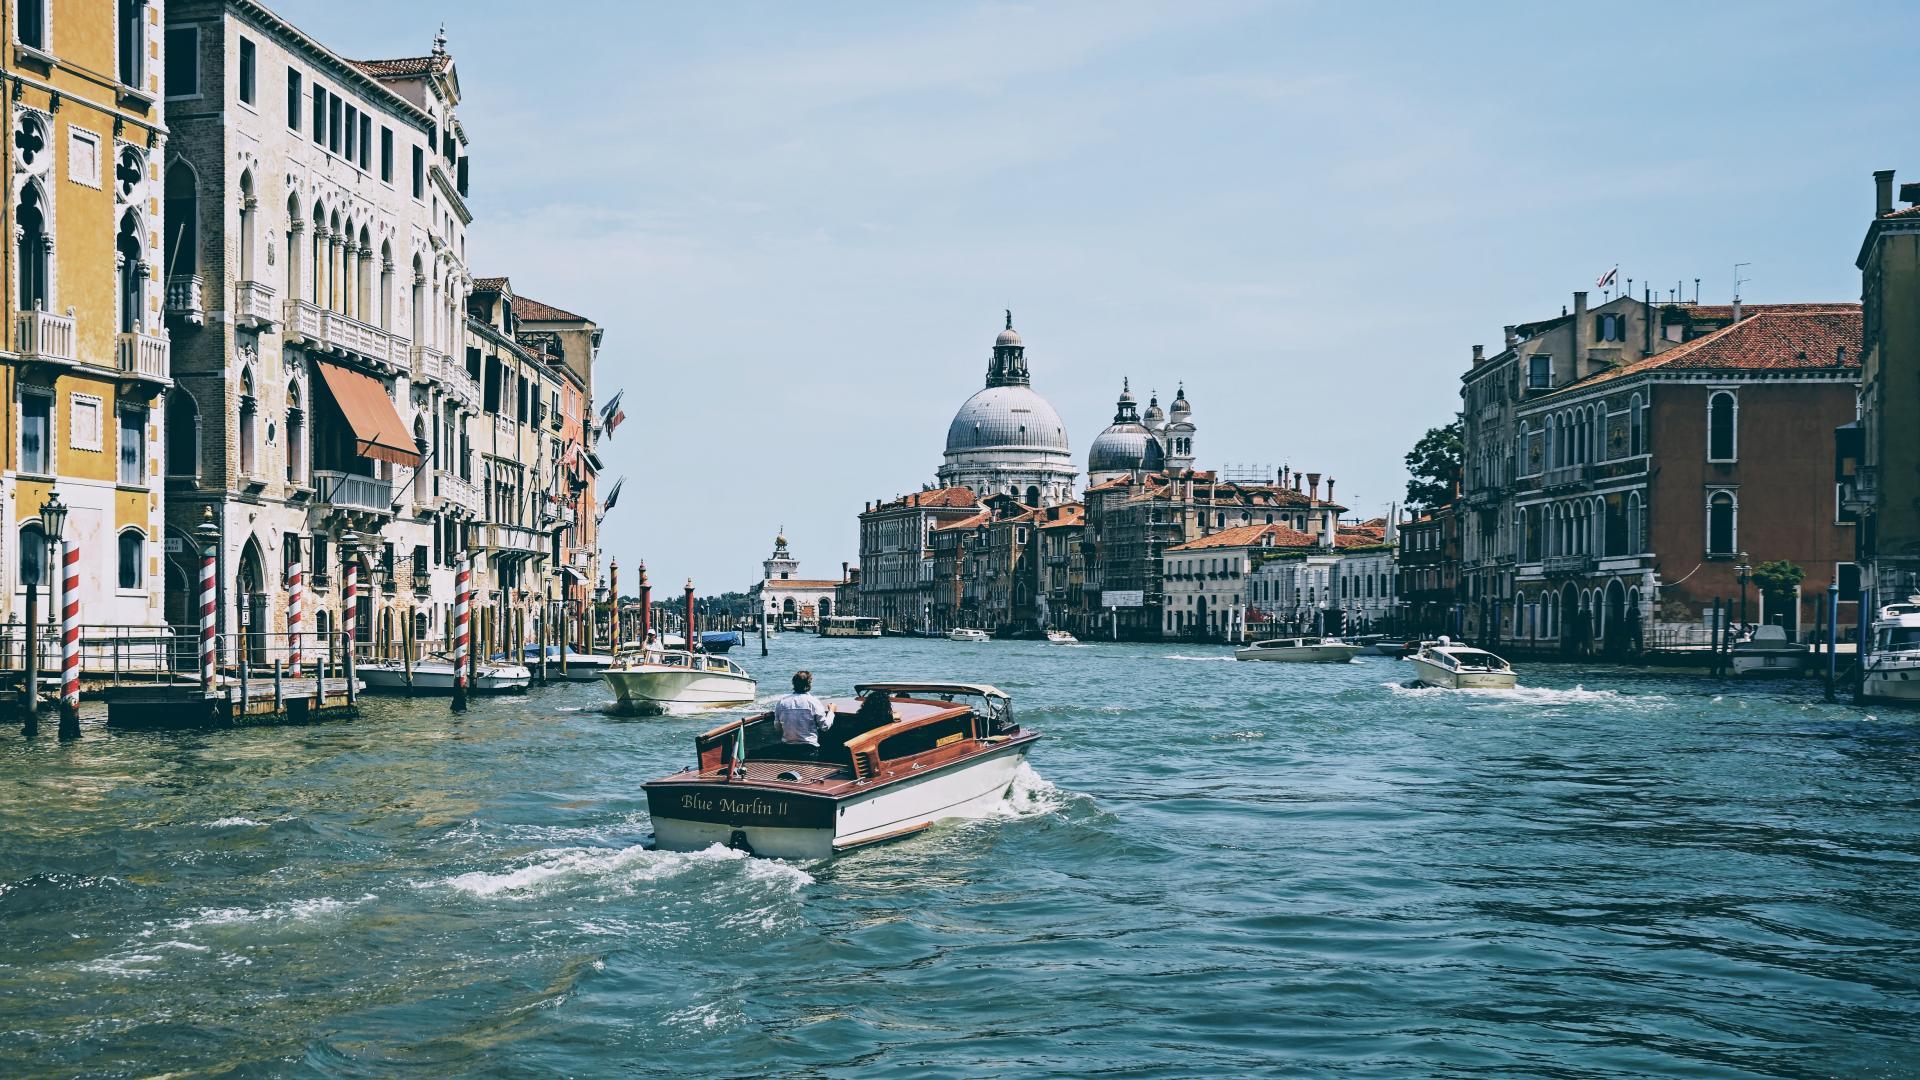 Фото город Венеция, Италия (742137422)